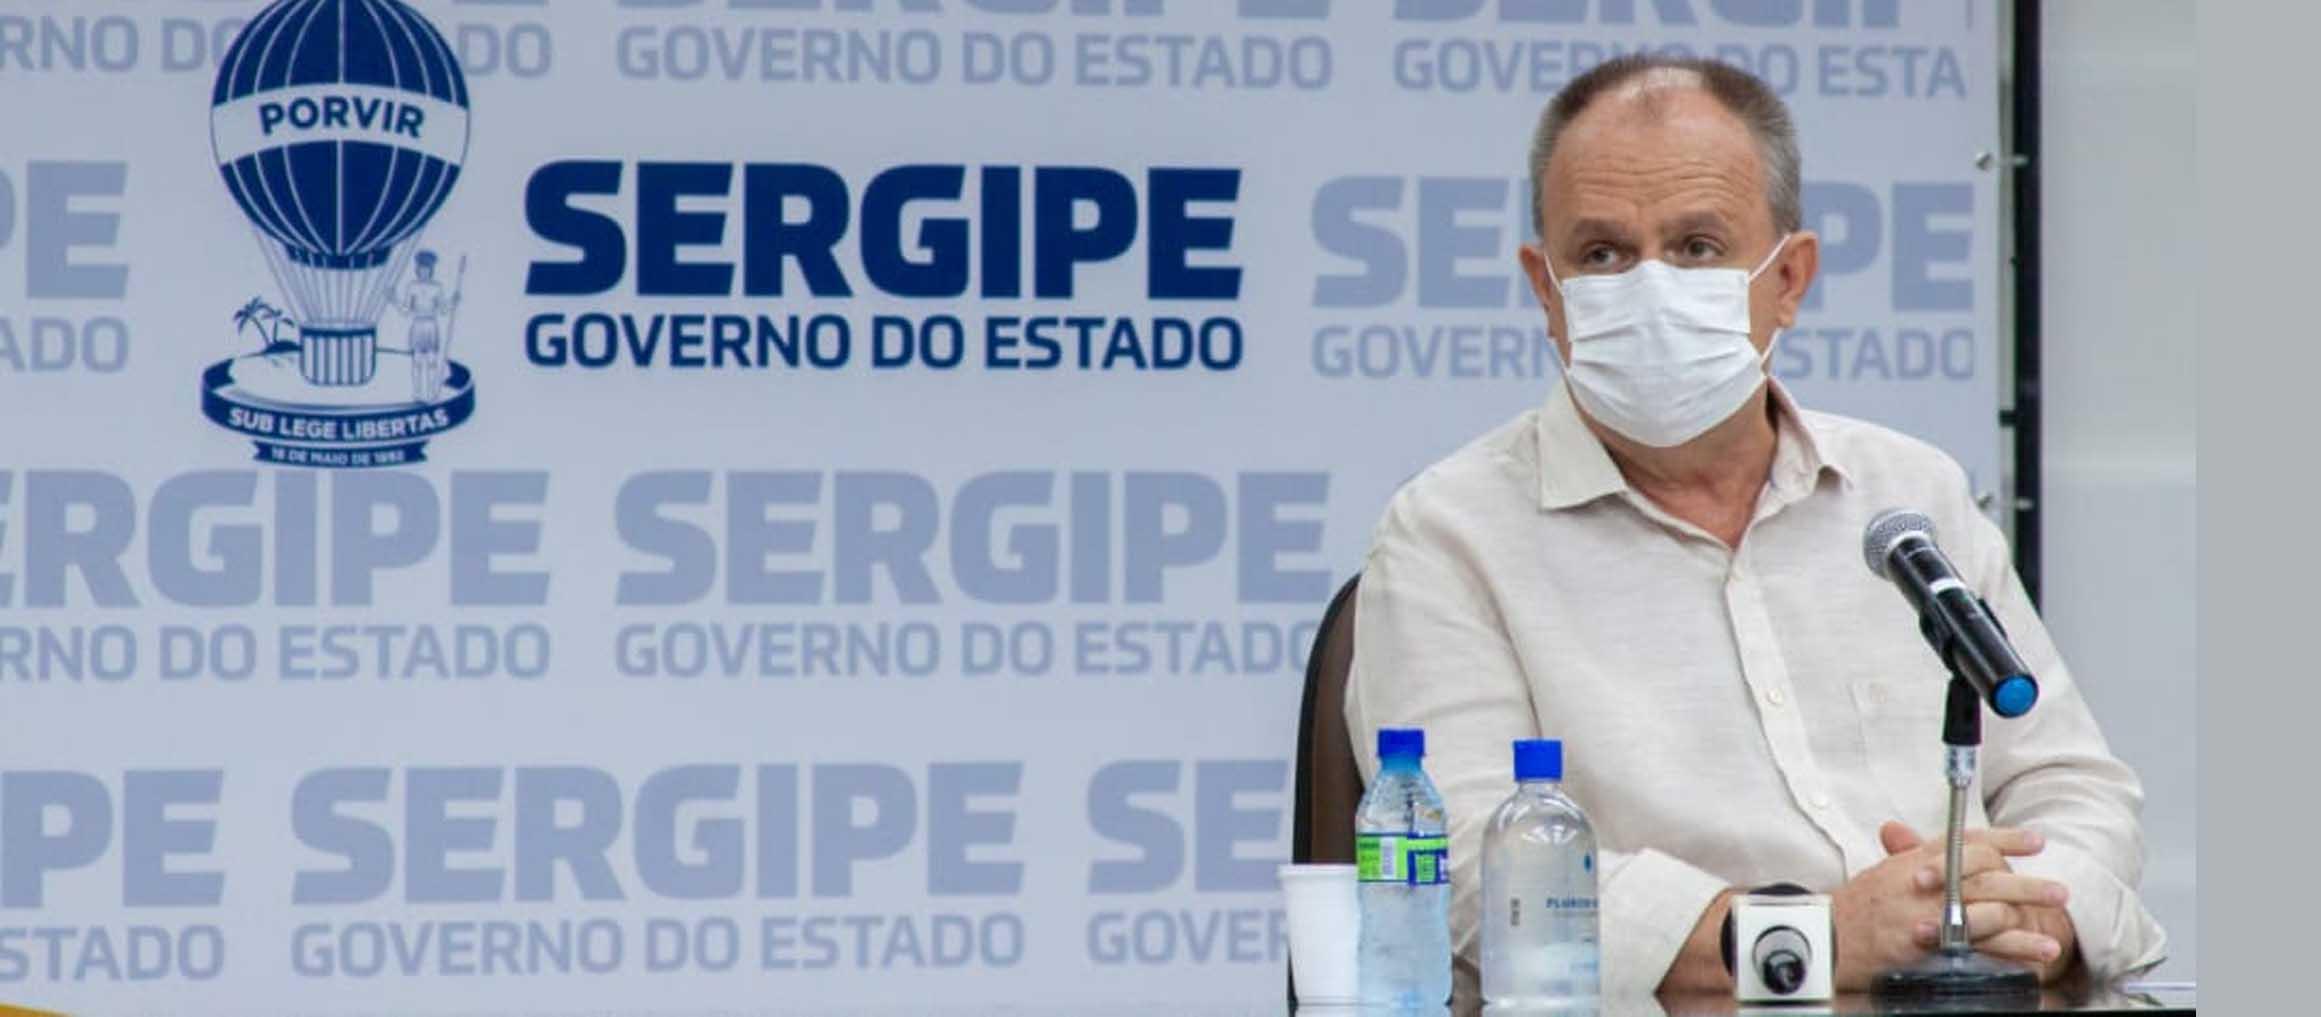 CORONAVÍRUS: NOVO DECRETO DO GOVERNO DE SERGIPE MANTÉM SHOPING, GALERIAS E BOATE FECHADOS